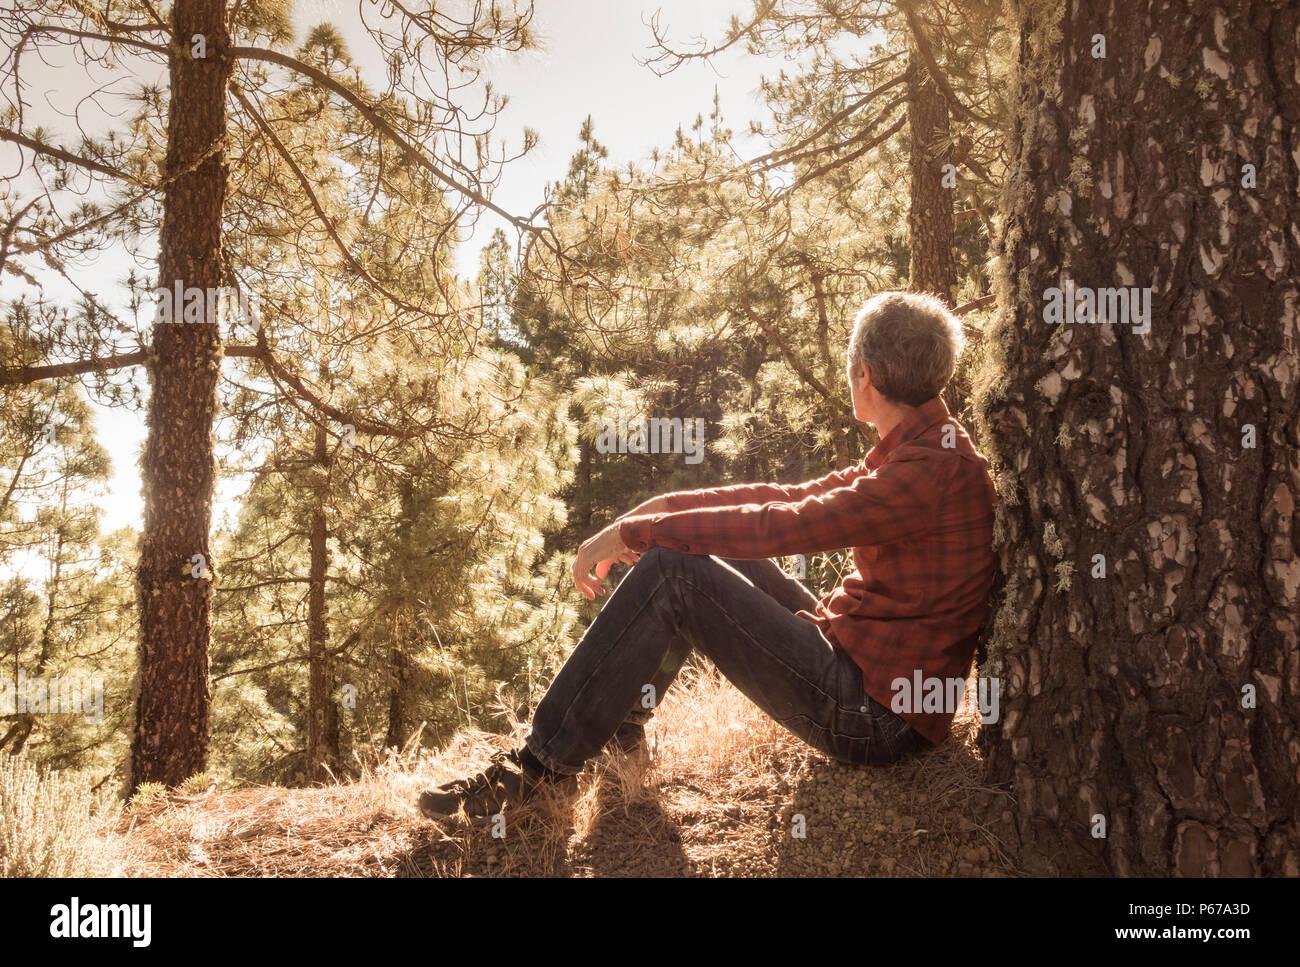 Yoku Shinrin, (Wald Baden). Schlankes, reife männliche Wanderer Entspannen im Sonnenschein am frühen Morgen in einem Pinienwald. Stockbild